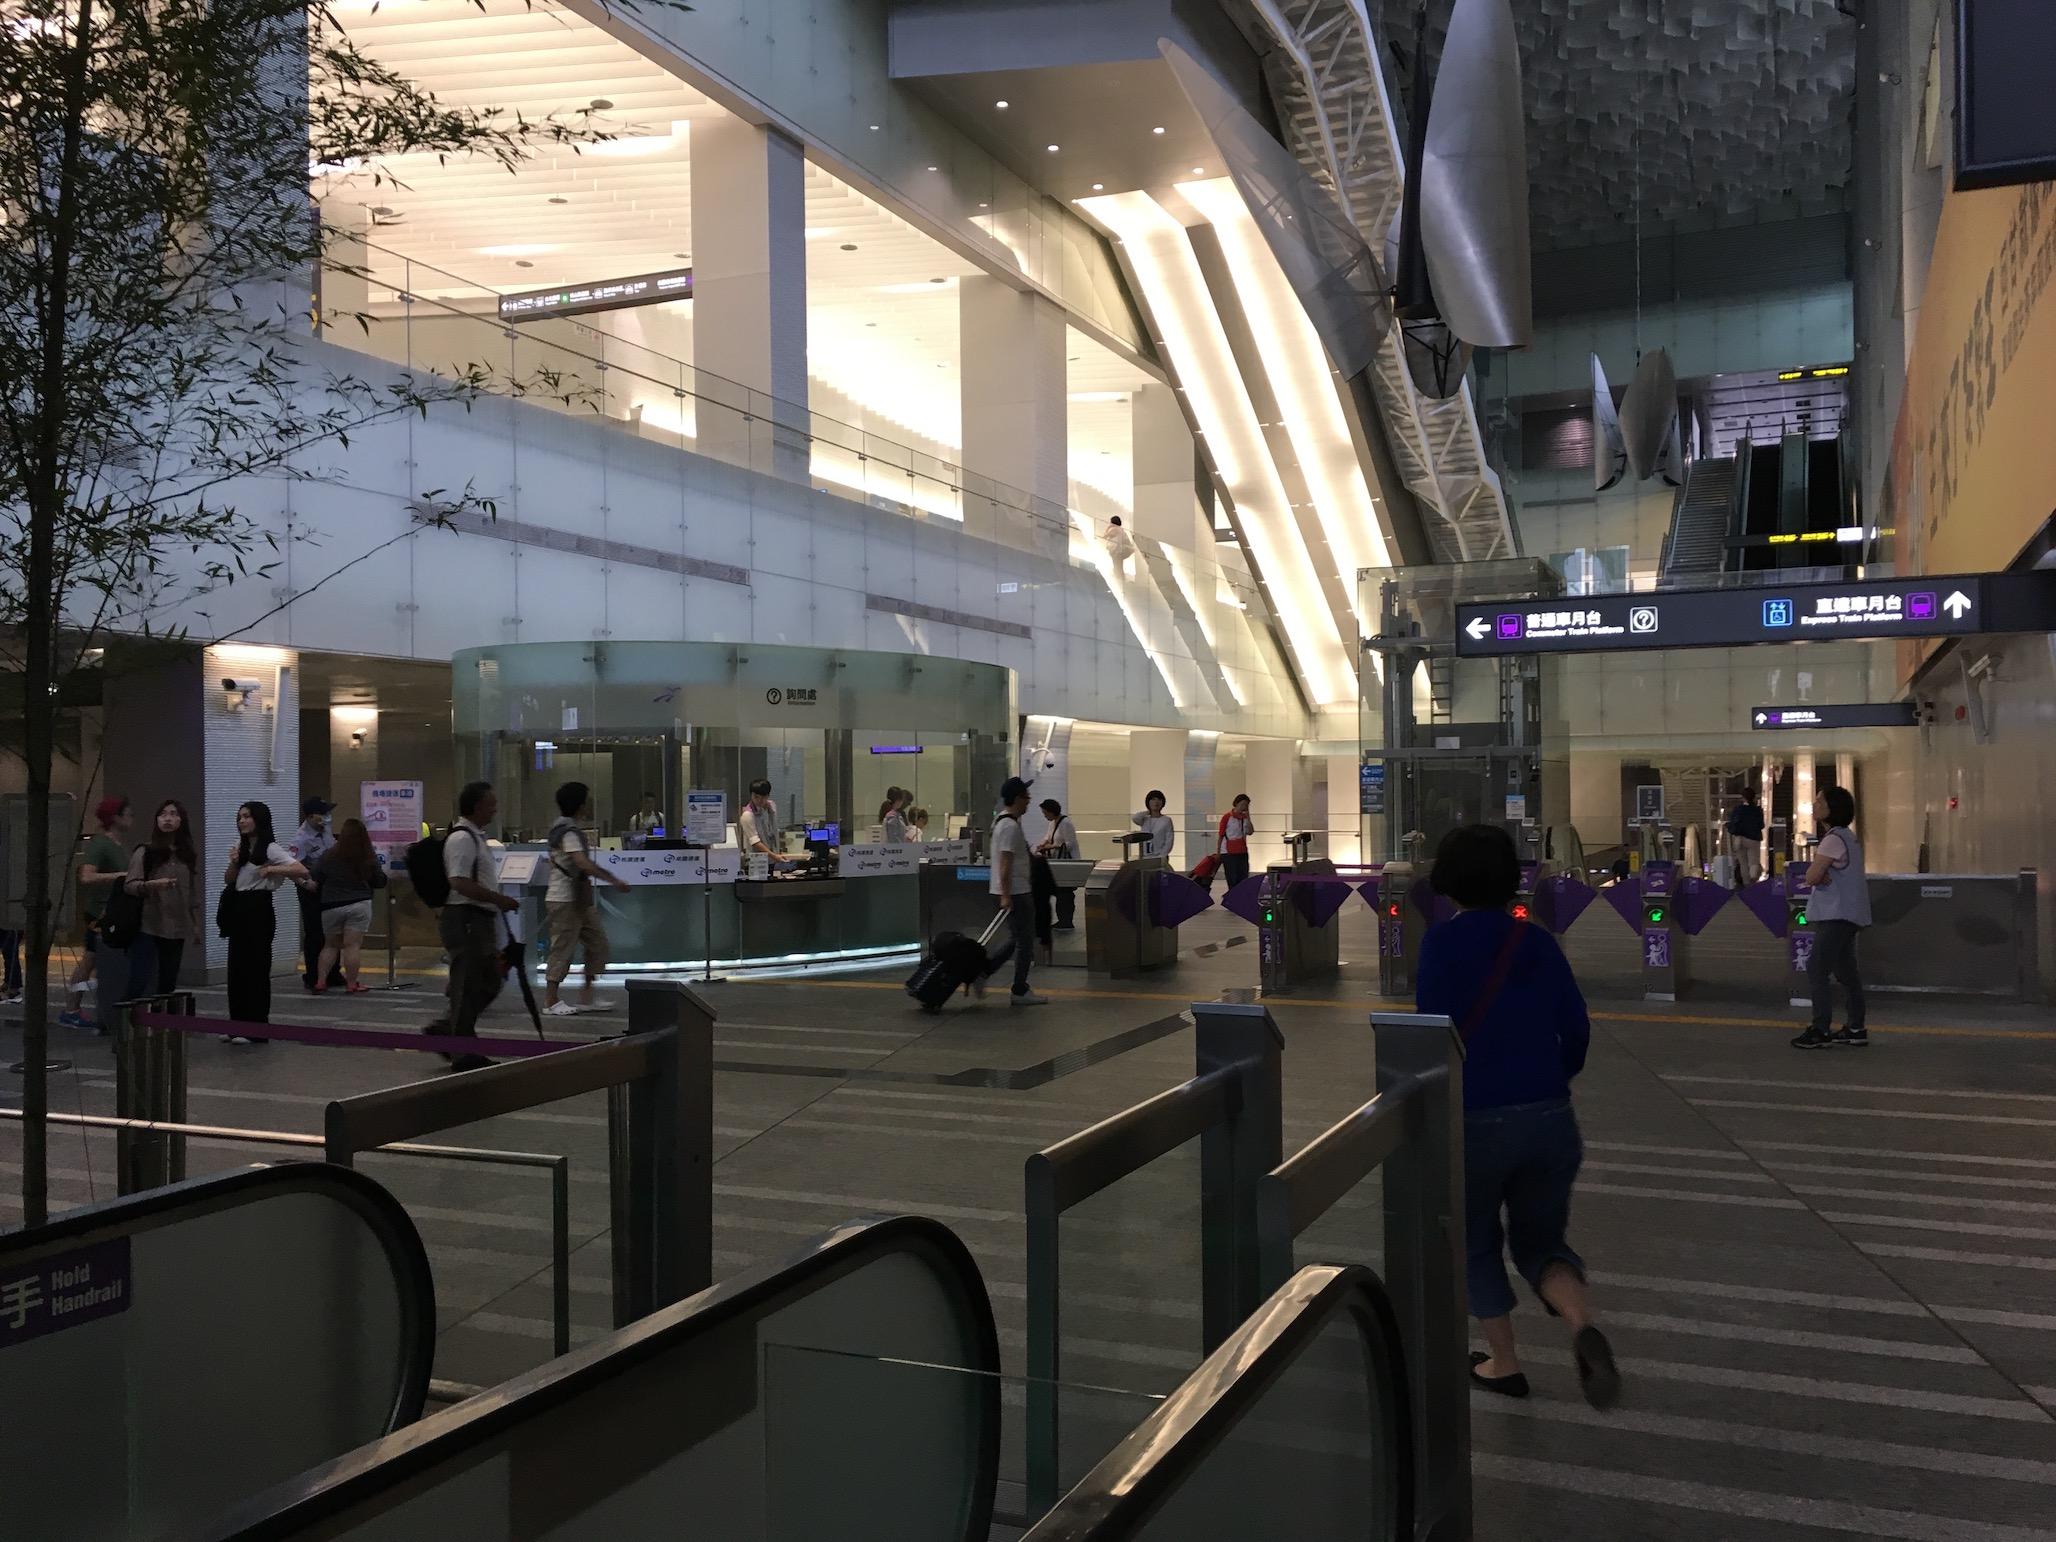 桃園空港から台北市内へのアクセス:地下鉄(MRT)の乗り方